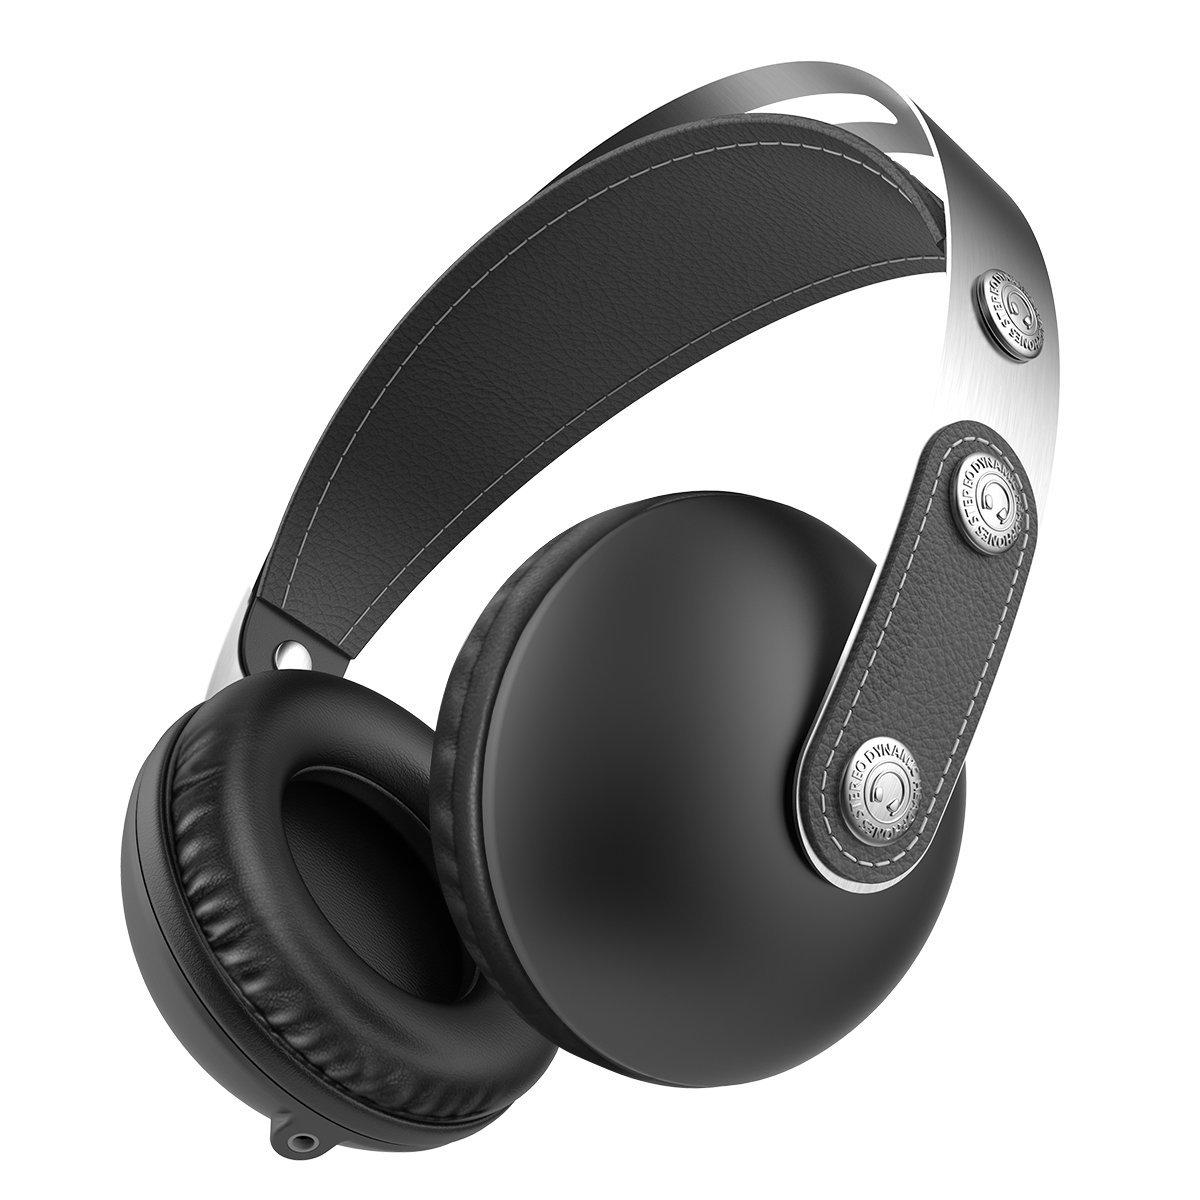 Headphones, Sound Intone Wz-01 Headphones with Microphone...